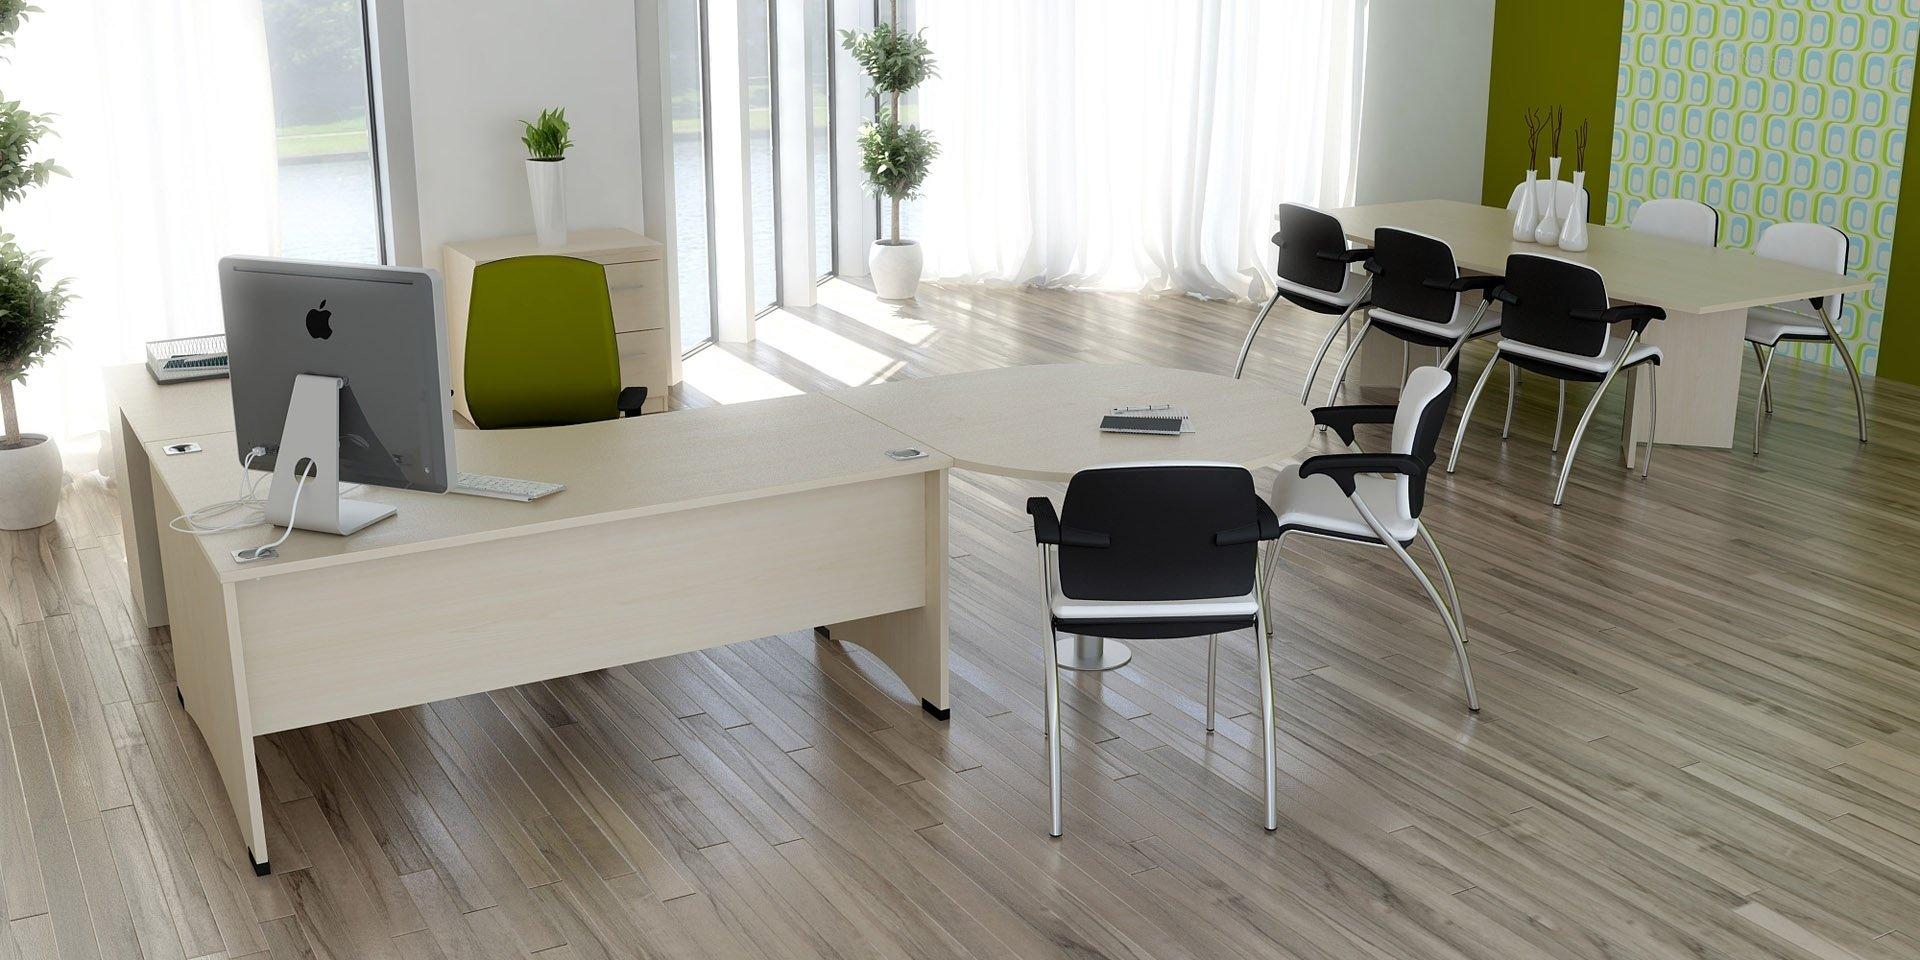 Home Office Furniture Uk Desk Set 18: Elite Windsor Bow Fronted Rectangular Desk 1600 X 900mm